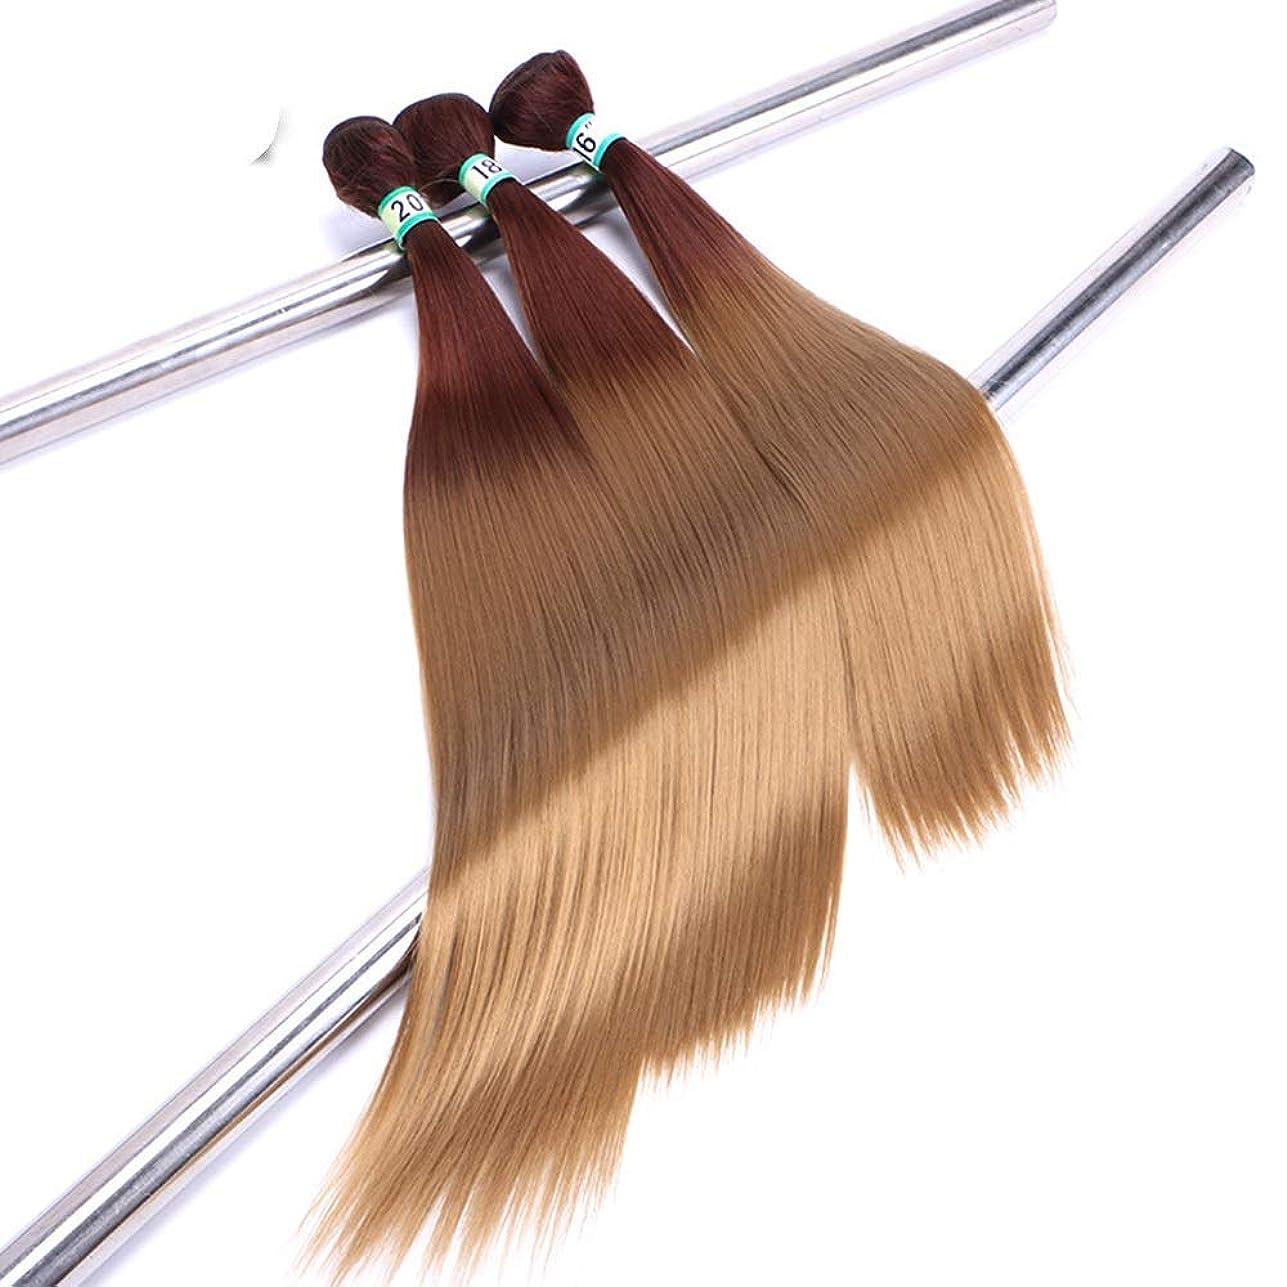 落ちた吸い込む繰り返すBOBIDYEE 黒のグラデーション茶色の髪織りバンドルヘアエクステンション横糸 - ストレートヘア(3バンドル、70g /バンドル)合成髪レースかつらロールプレイングウィッグロング&ショート女性自然 (色 : ブラウン, サイズ : 16